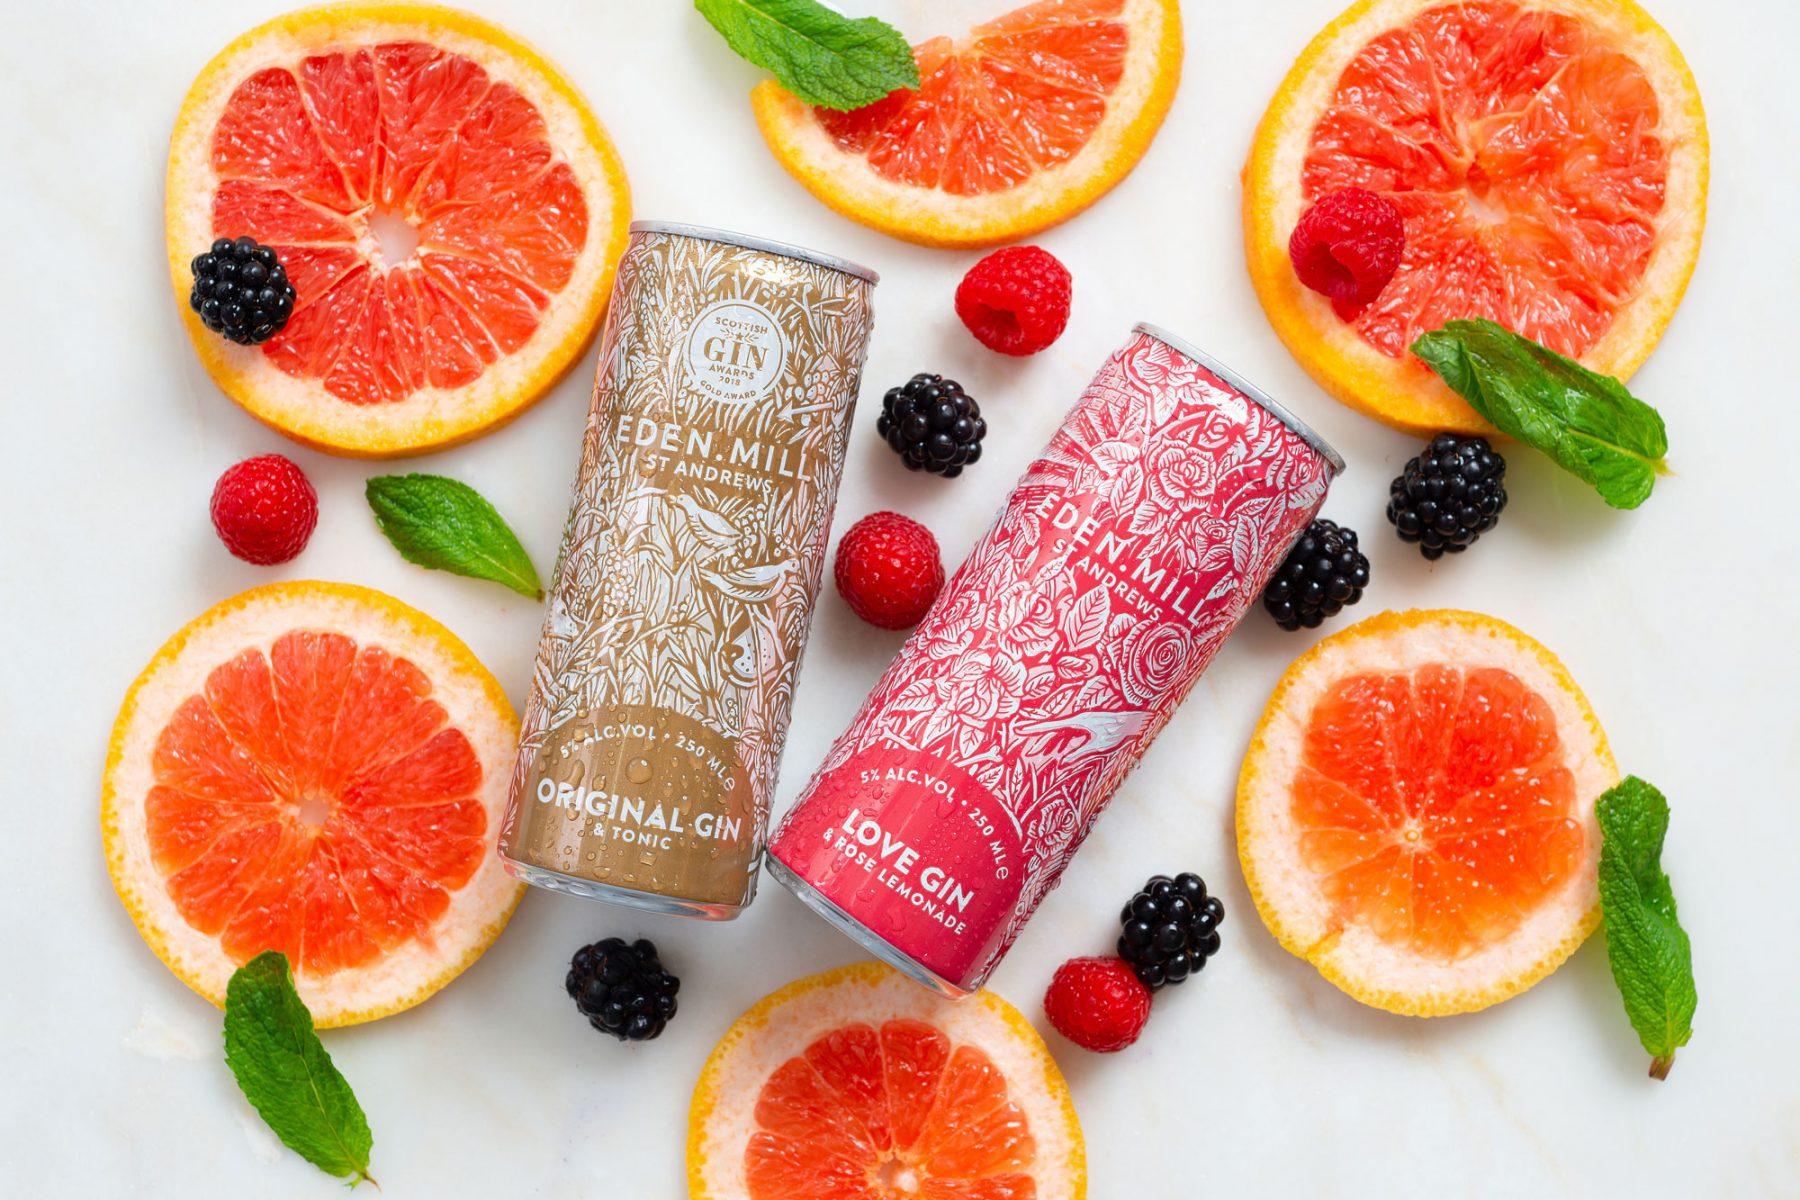 oranges & eden mill cans